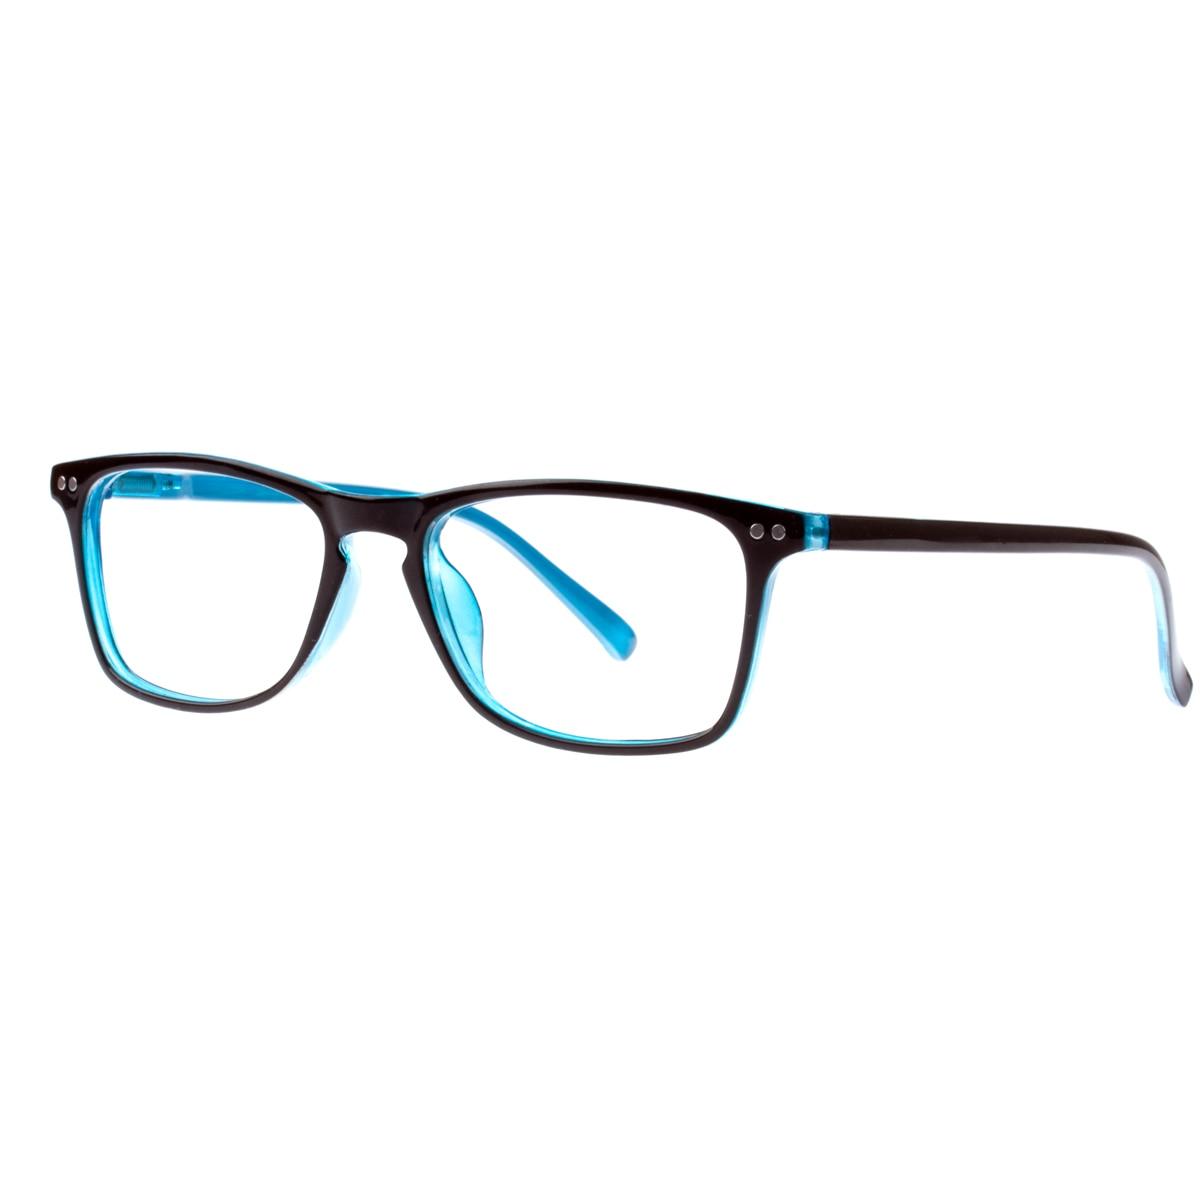 látás 5 5 dioptria hogyan lehetne javítani a látást 18 évesen